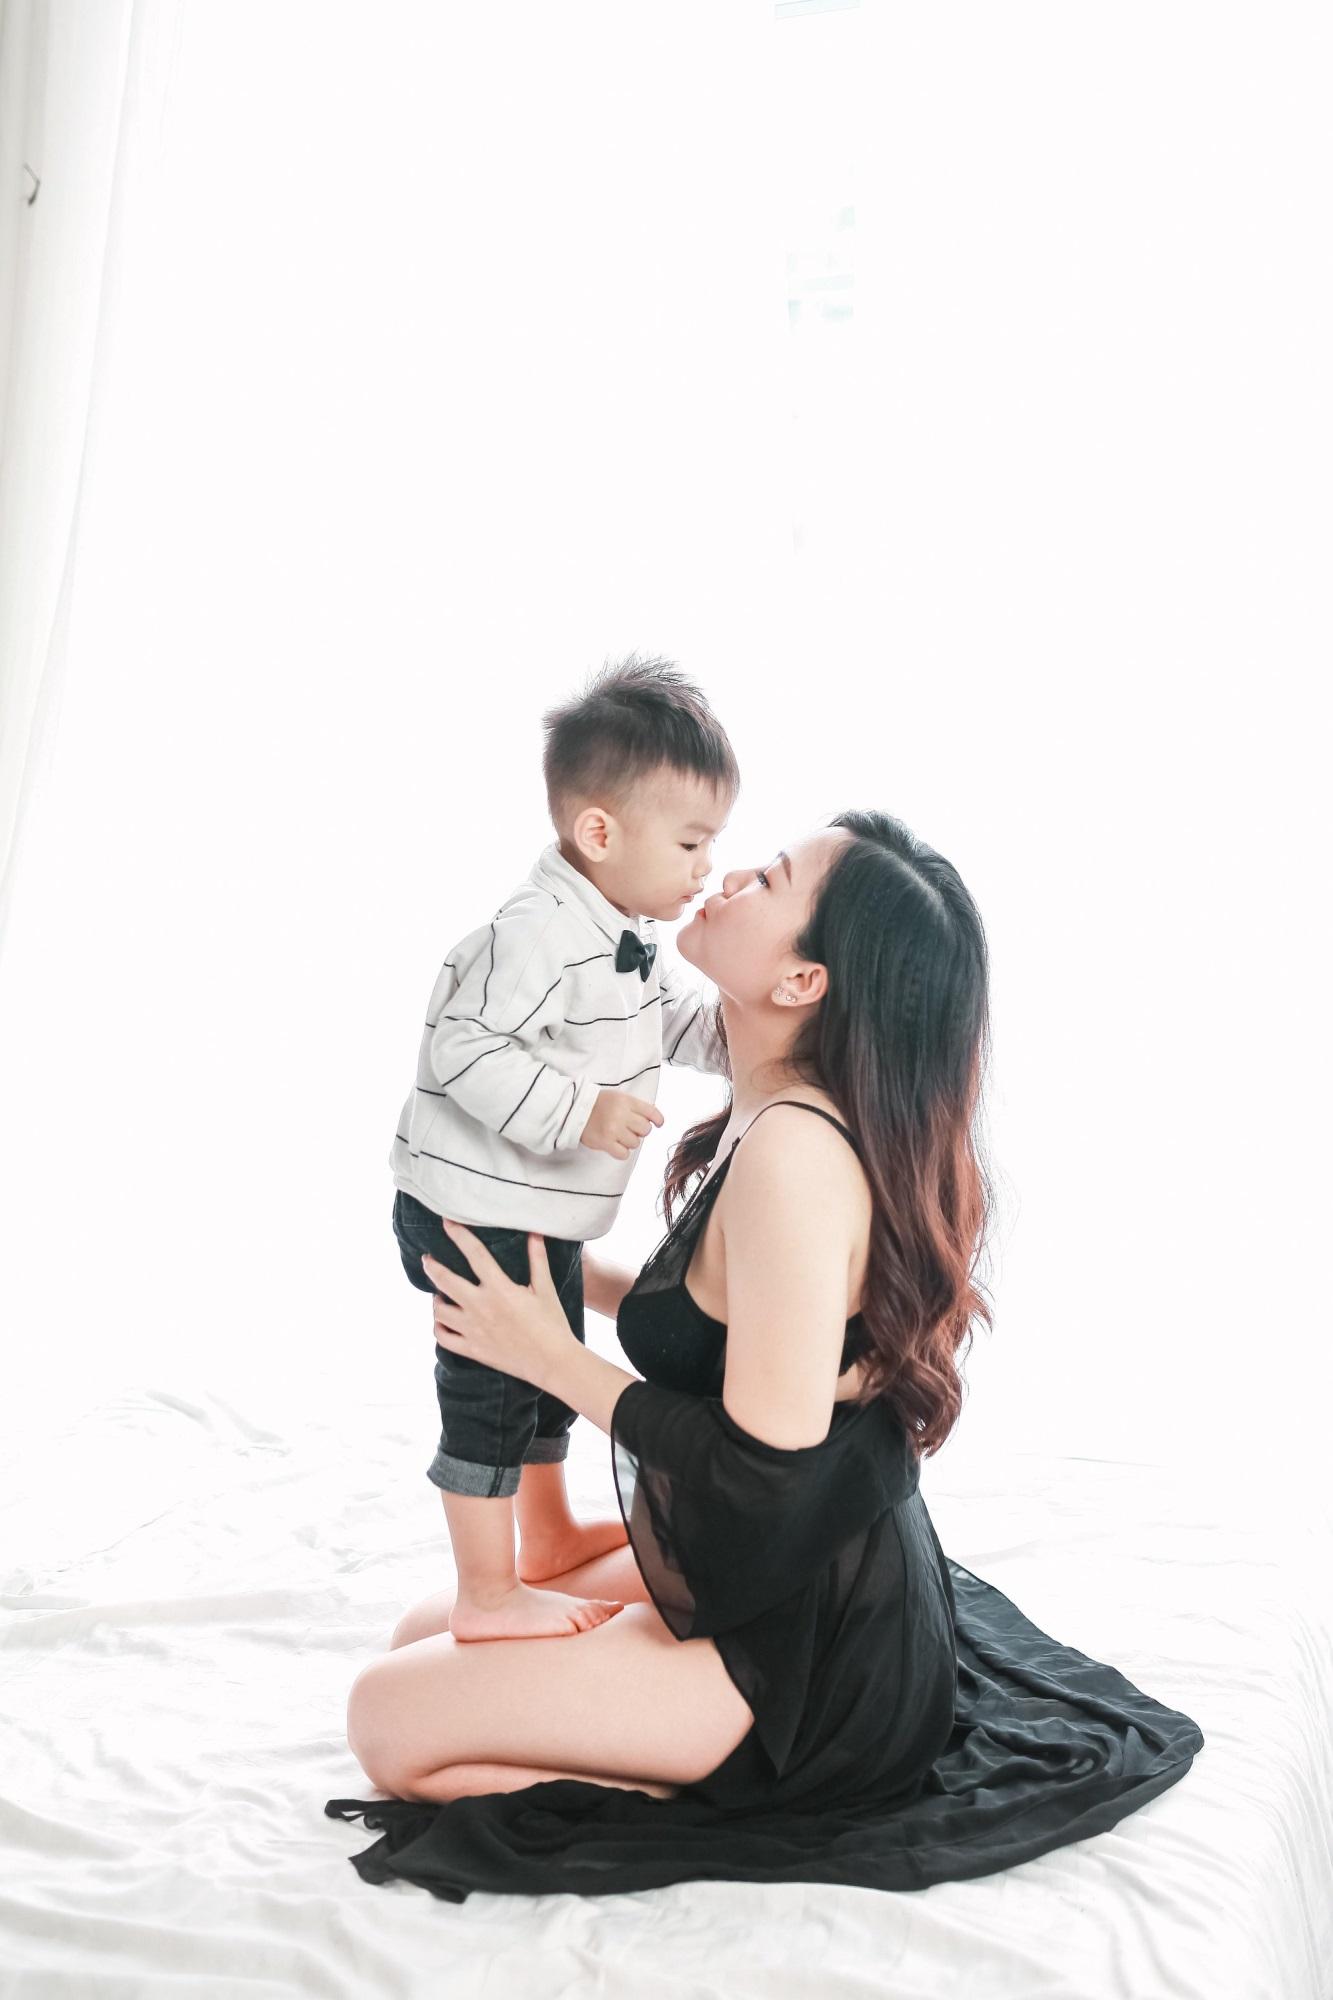 Đánh răng, uống nước lọc cũng buồn nôn và bí quyết giảm nghén đơn giản mà hiệu quả của mẹ bầu Hà Nội - Ảnh 3